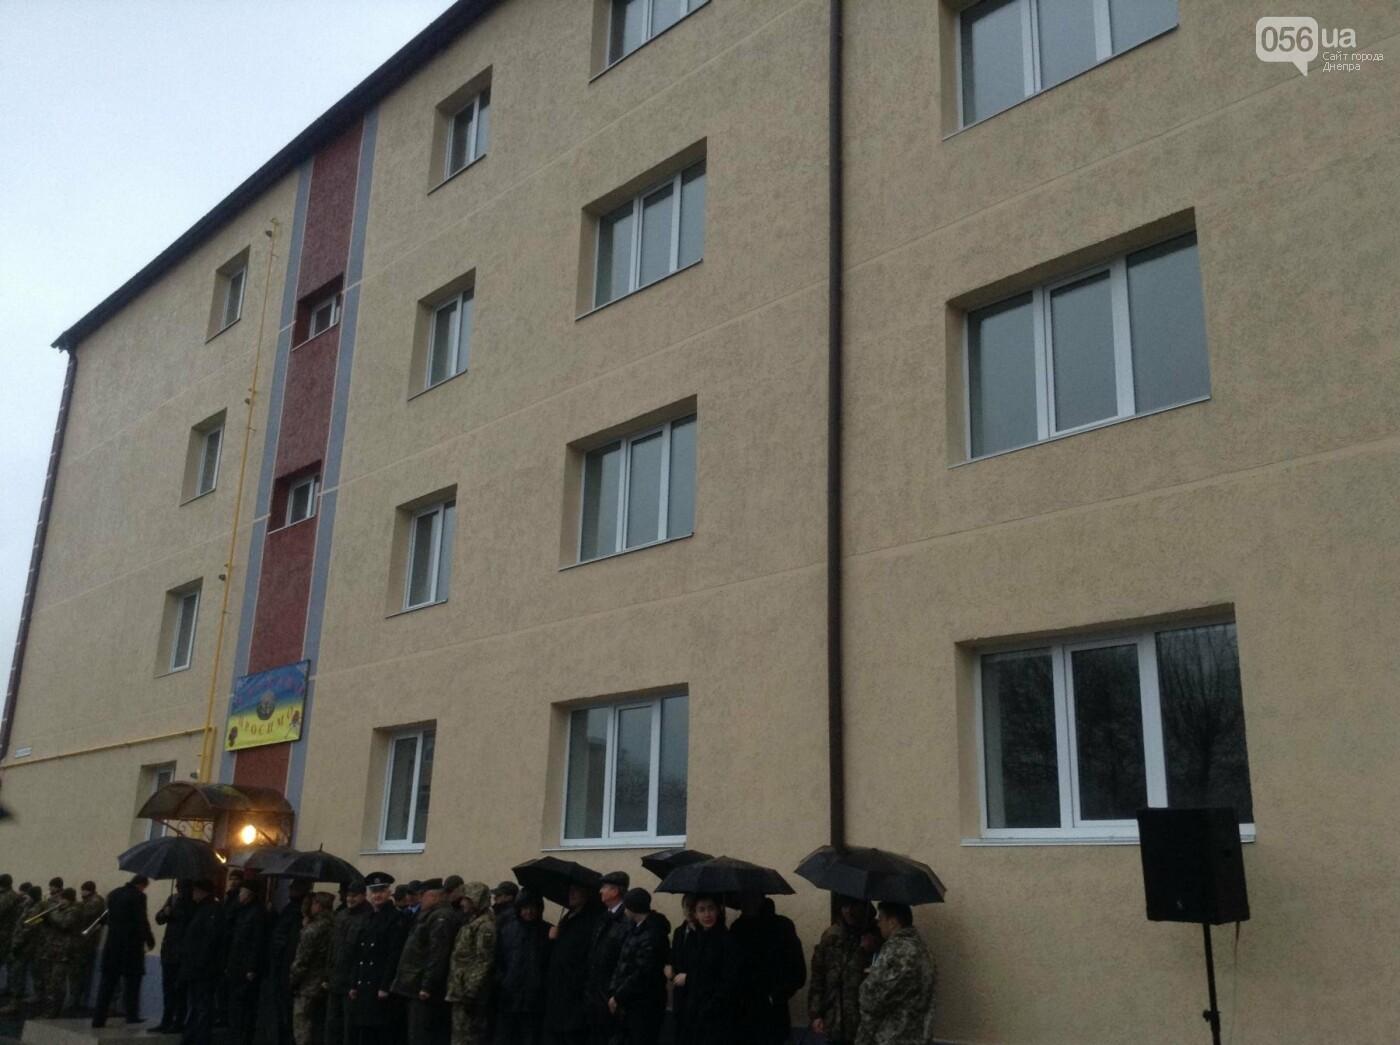 Порошенко в Днепре под ливнем вручил ключи от квартир 32 семьям военных (ФОТО, ВИДЕО), фото-5